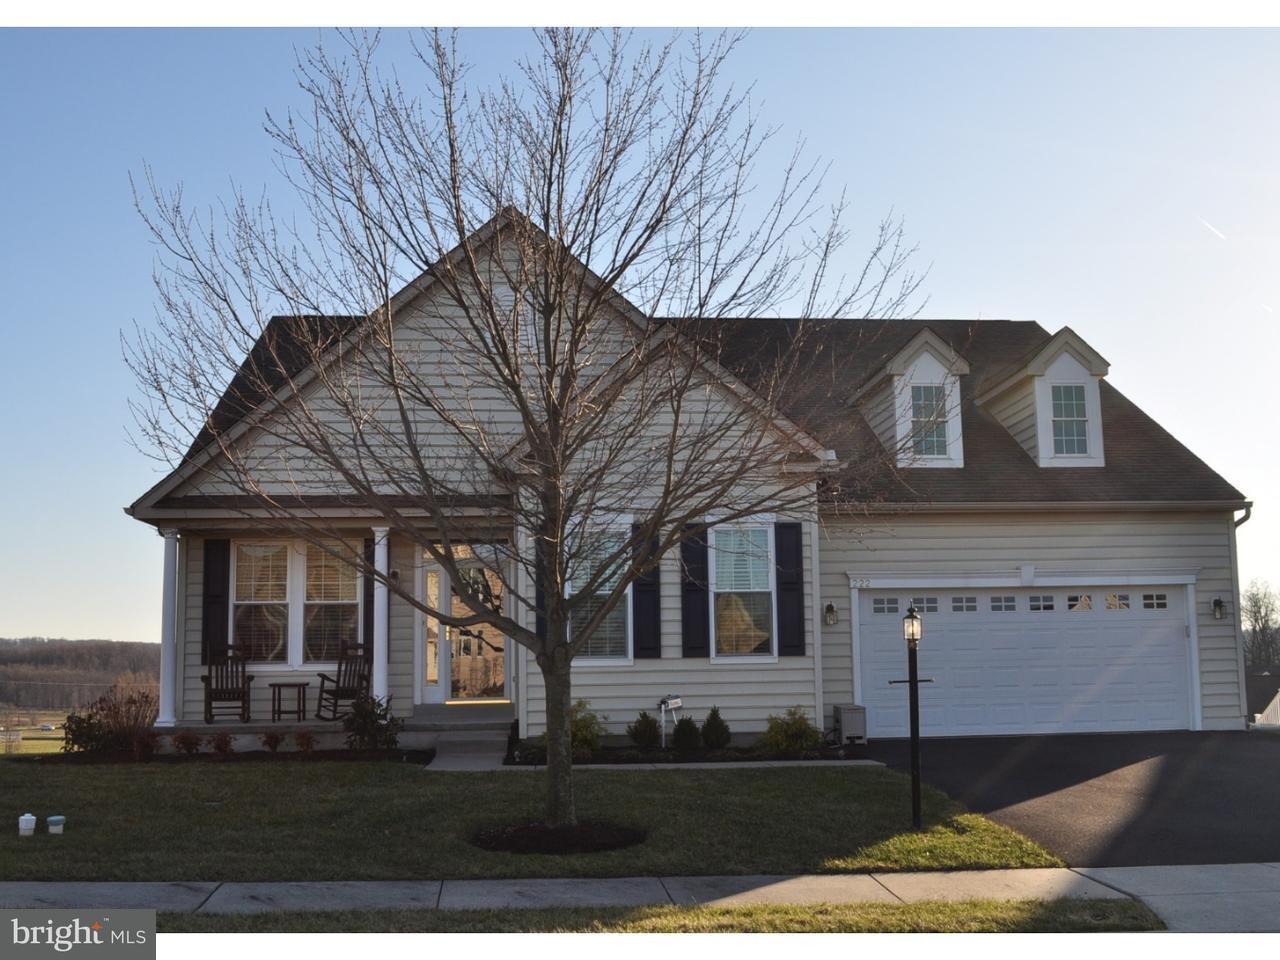 独户住宅 为 销售 在 222 COG HILL Drive Honey Brook, 宾夕法尼亚州 19344 美国